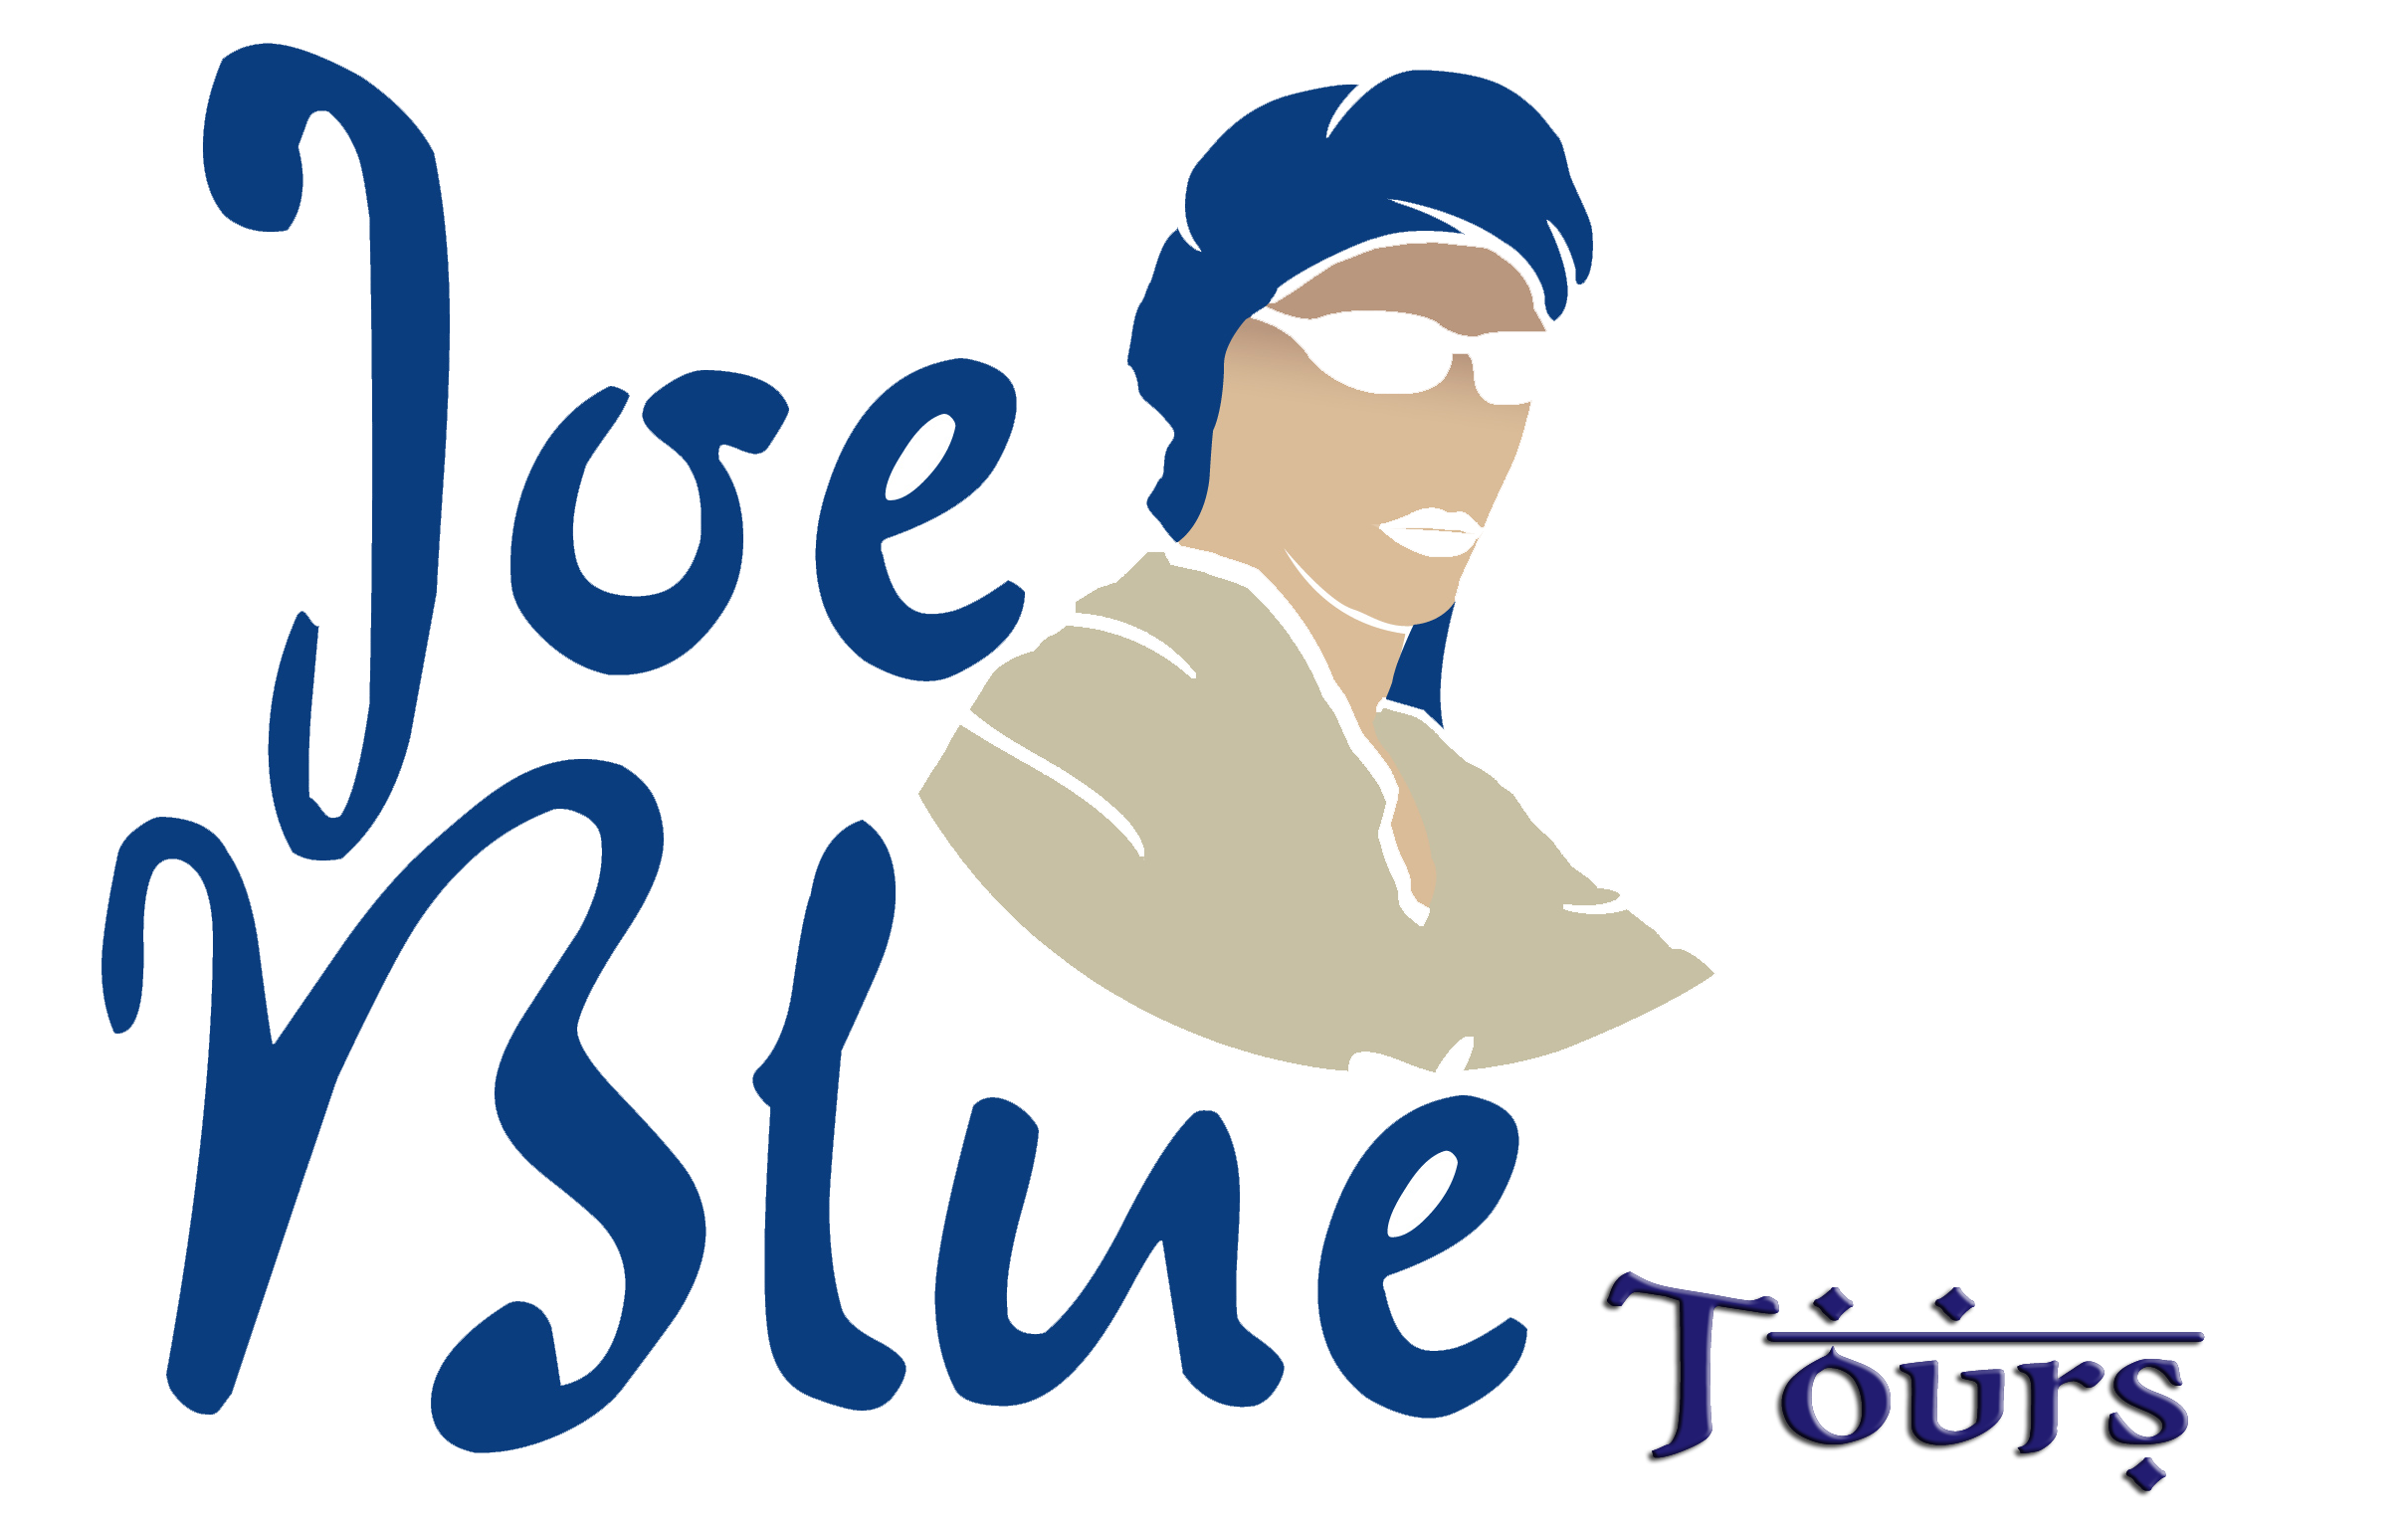 Joeblue Tours